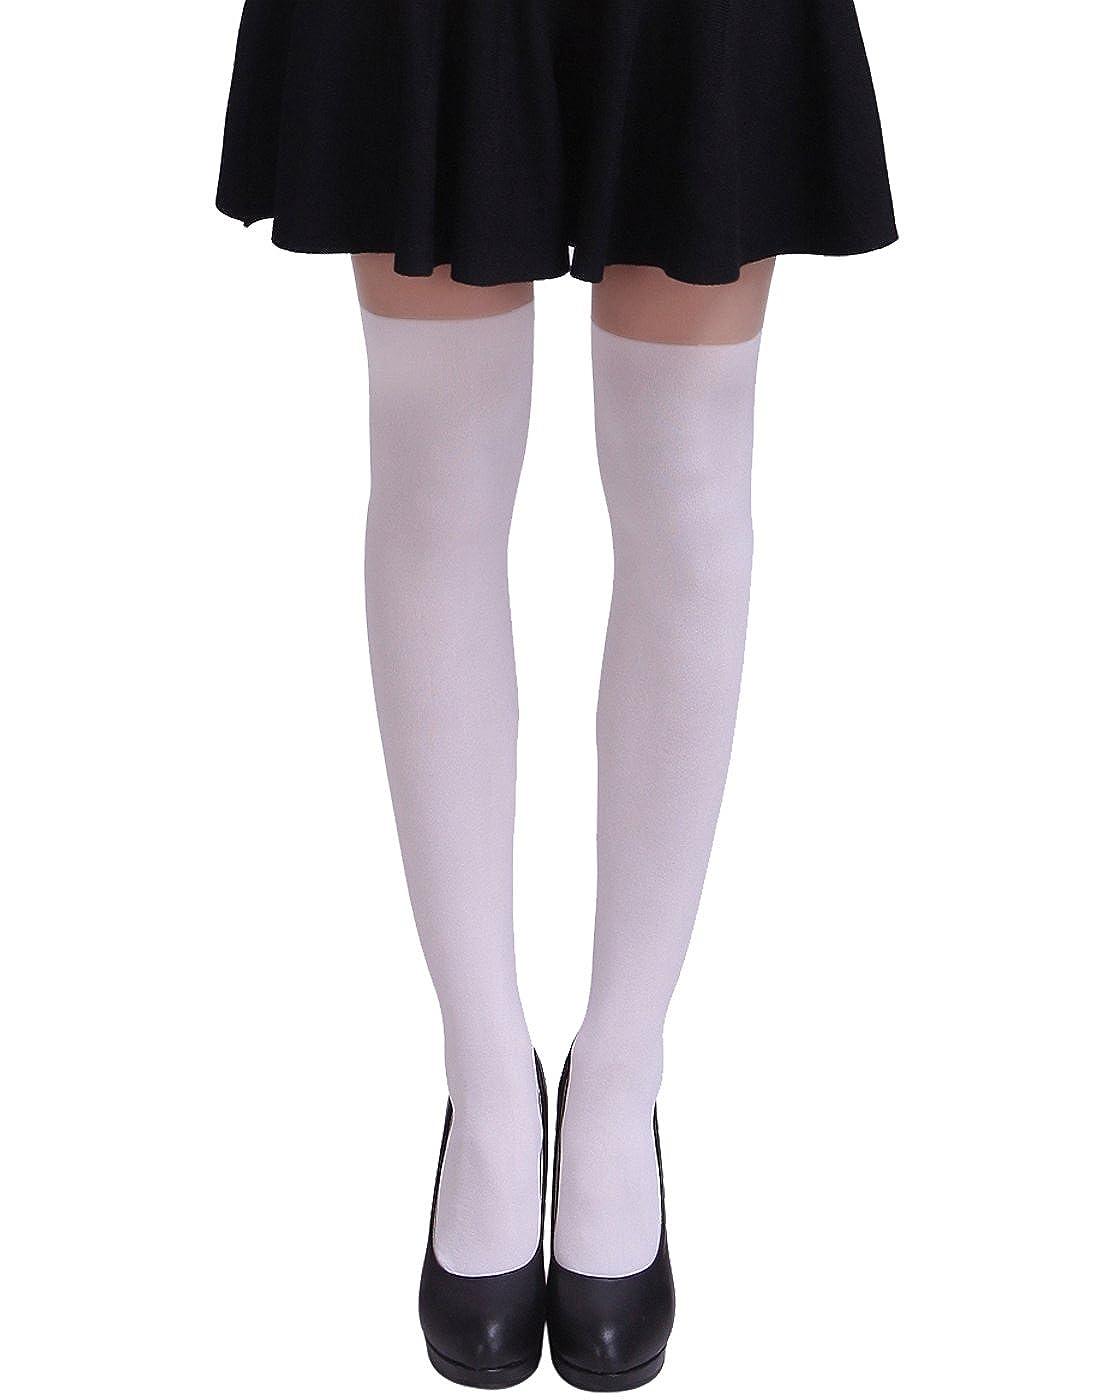 HDE Women's Fun Pattern Printed Tattoo Pantyhose Stockings